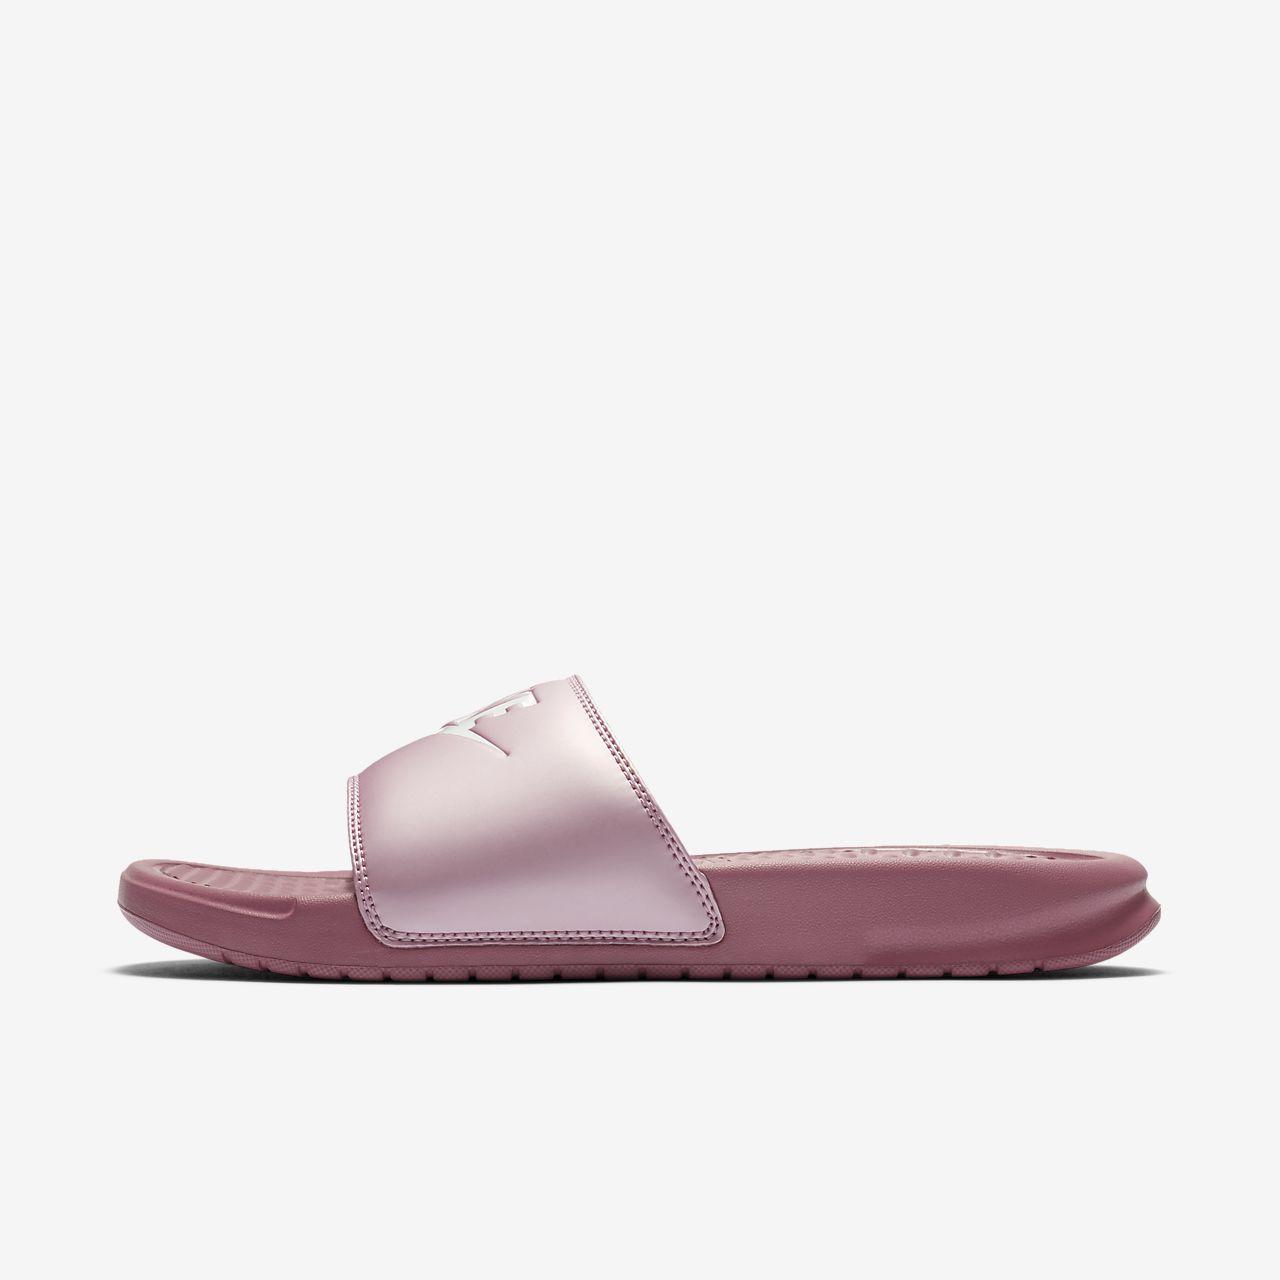 Nike Benassi Damen Badeslipper